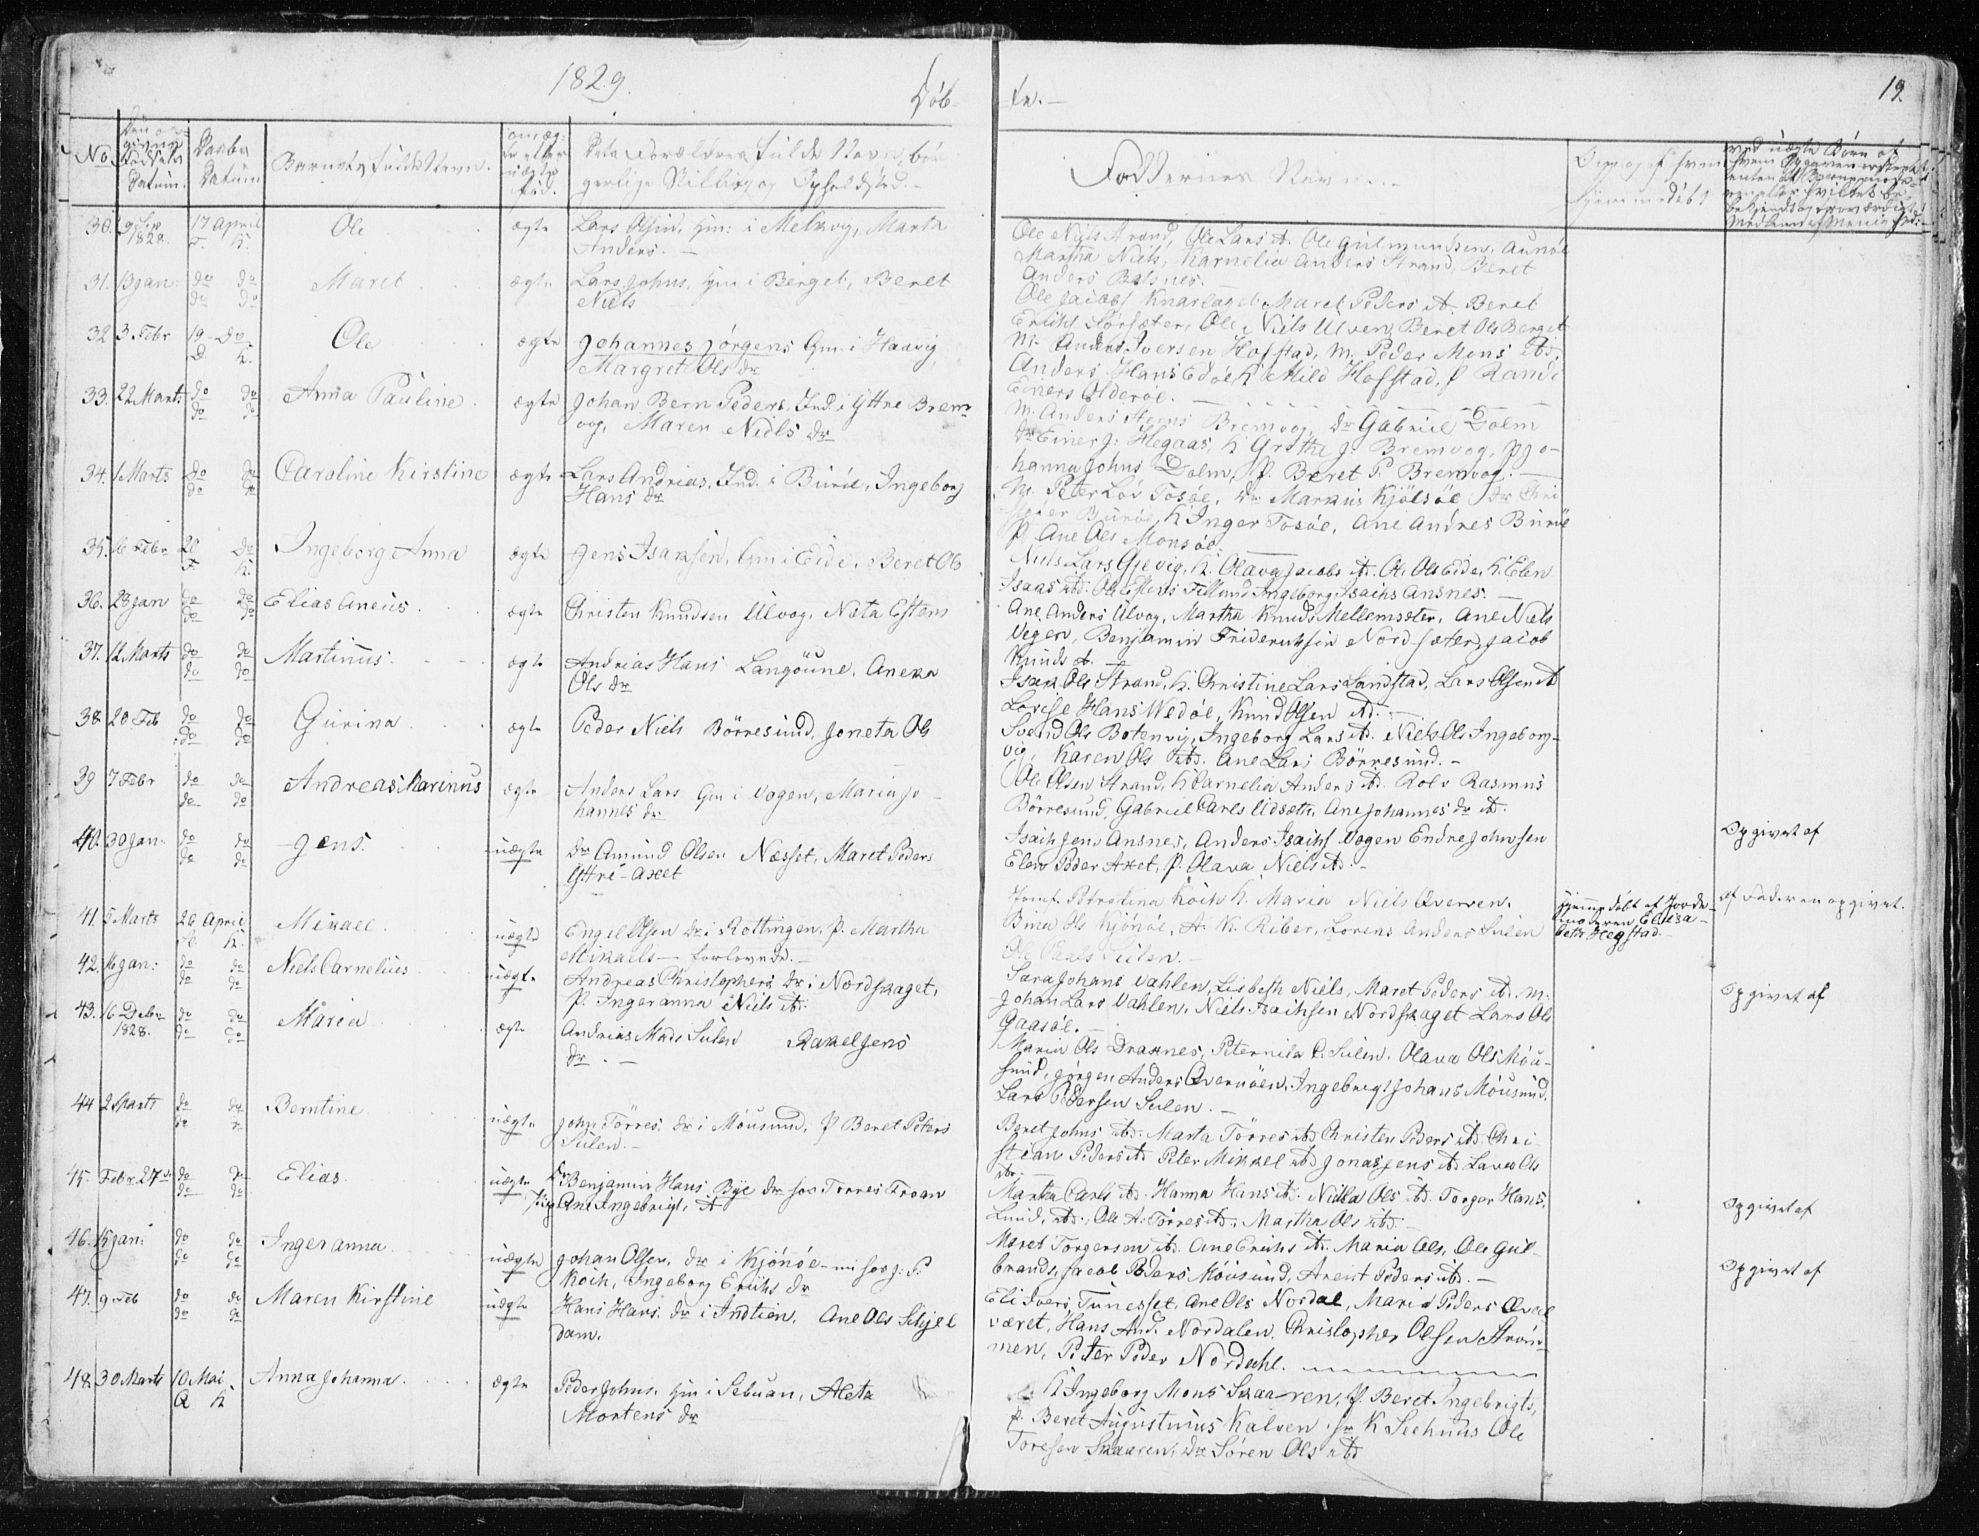 SAT, Ministerialprotokoller, klokkerbøker og fødselsregistre - Sør-Trøndelag, 634/L0528: Ministerialbok nr. 634A04, 1827-1842, s. 19